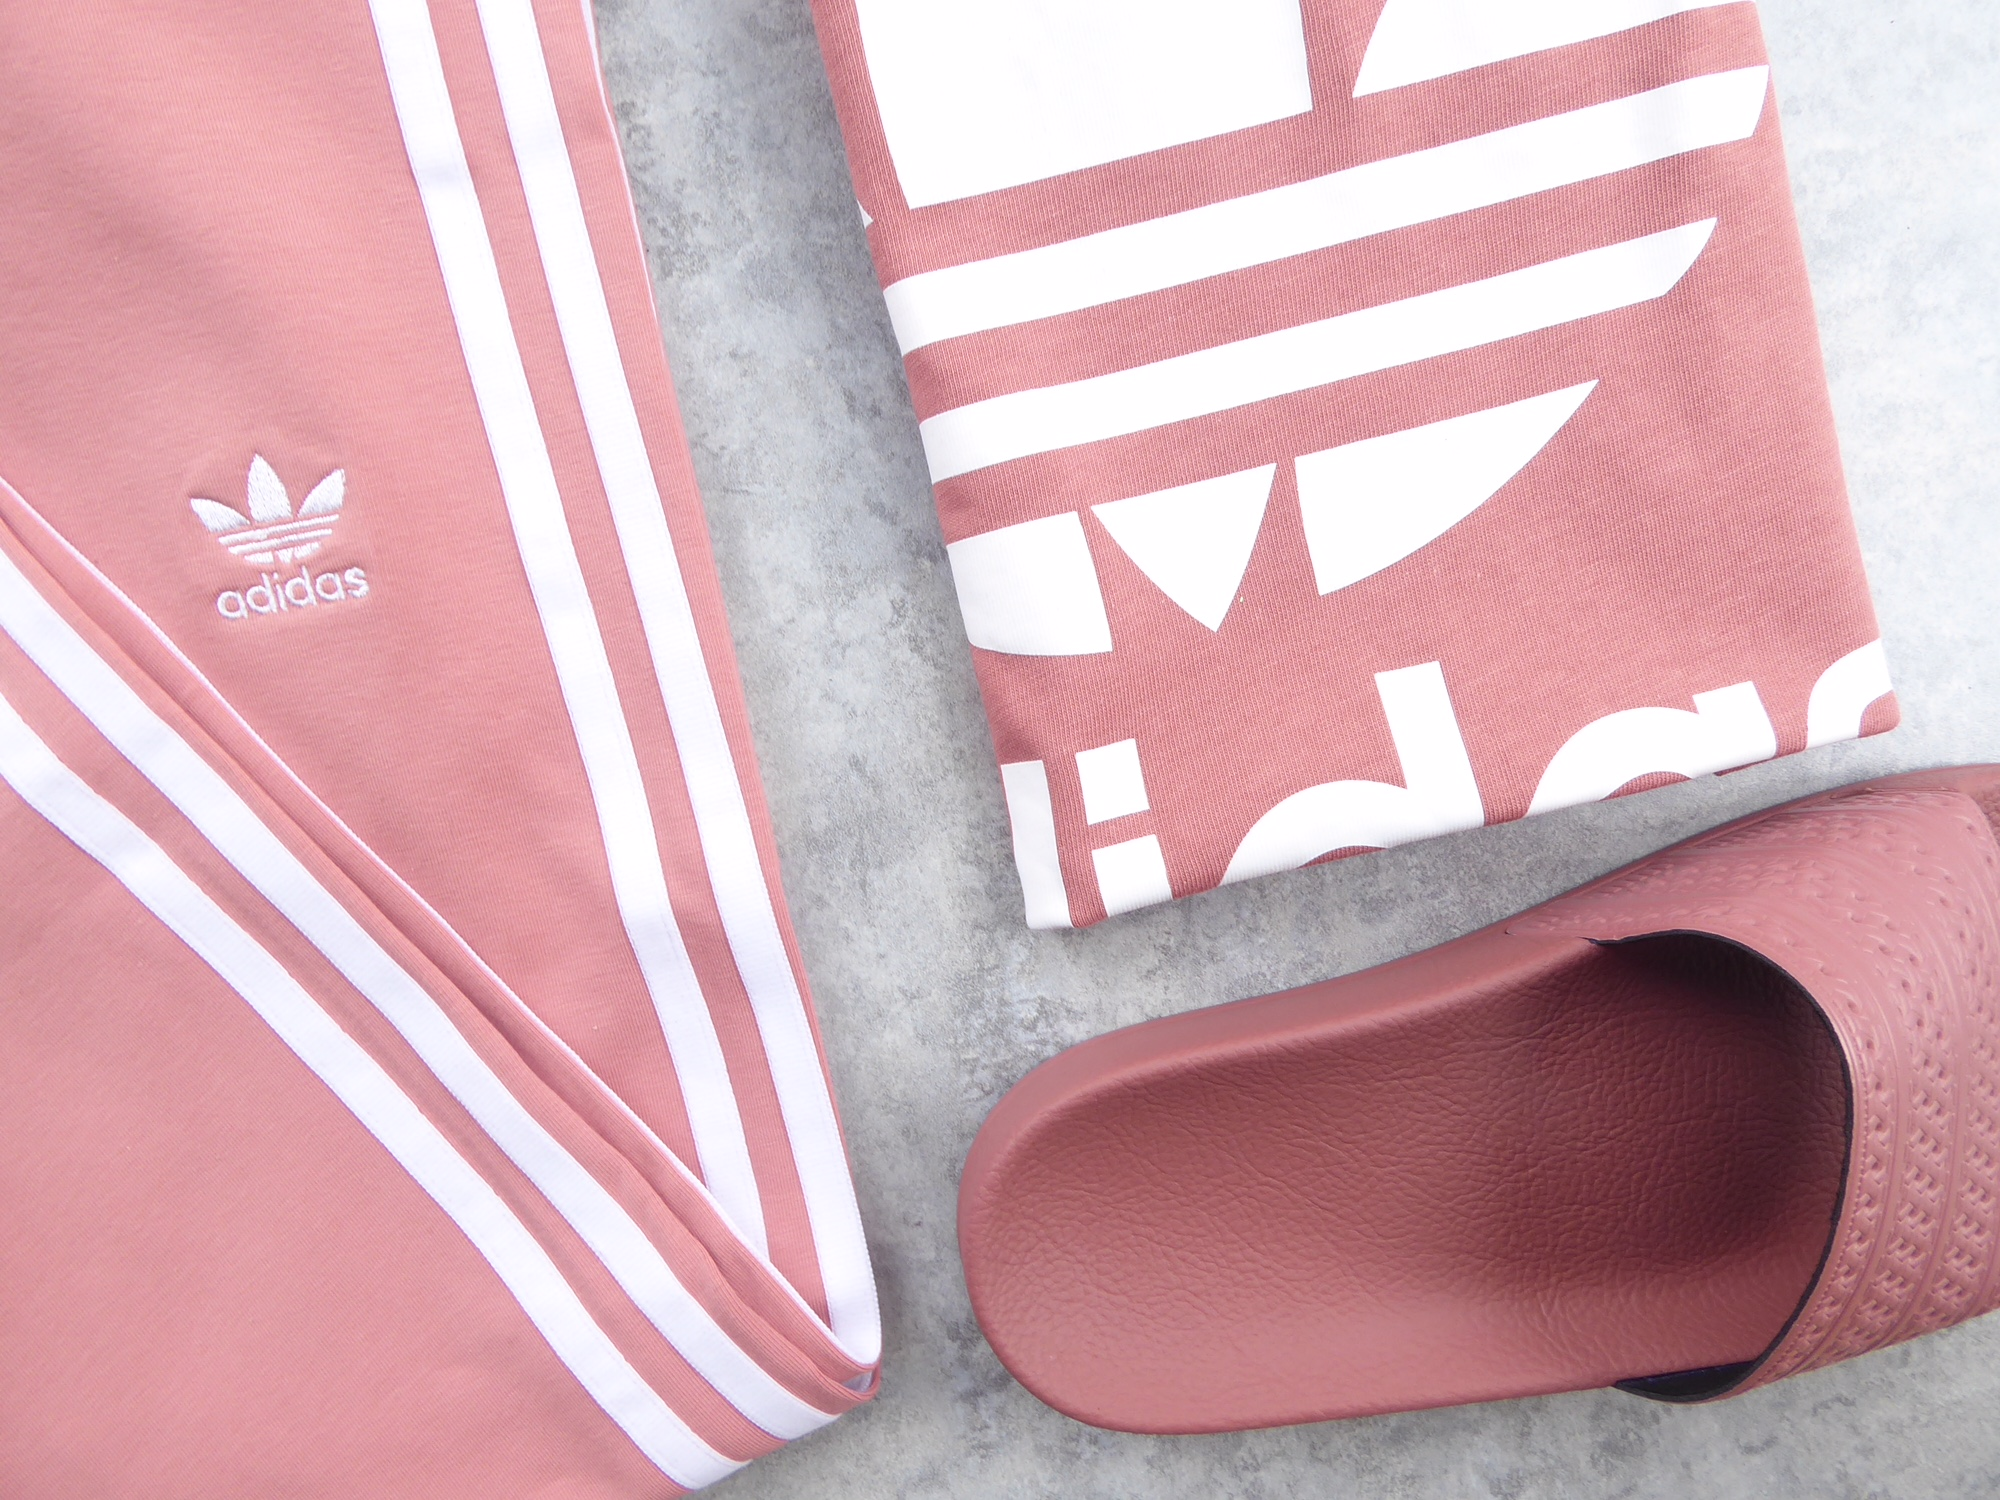 Adidas_Laydown003.JPG